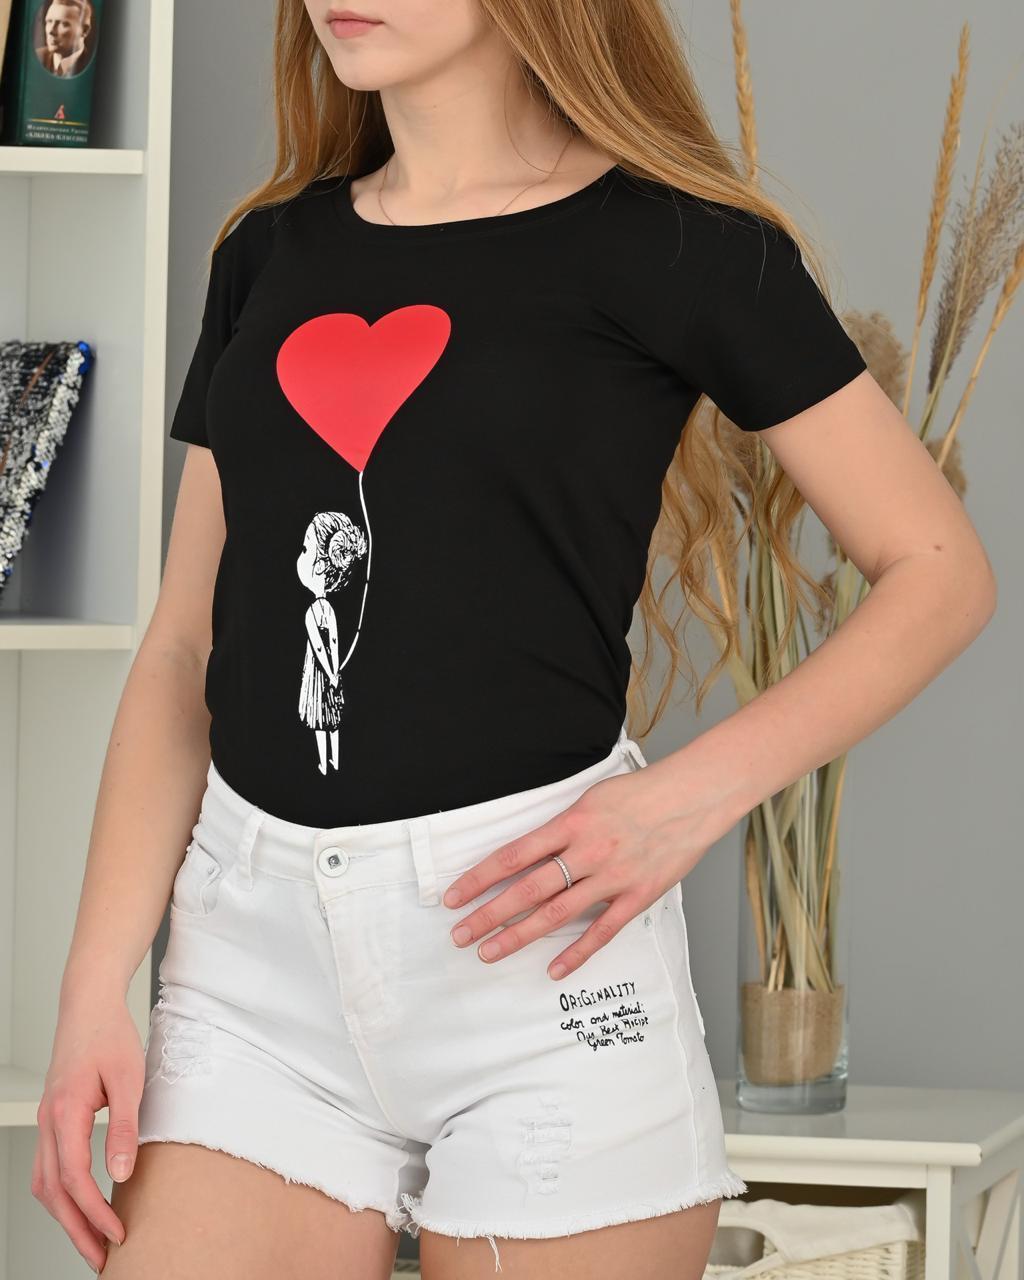 Красивая футболка с красным сердцем 42-44 (в расцветках)